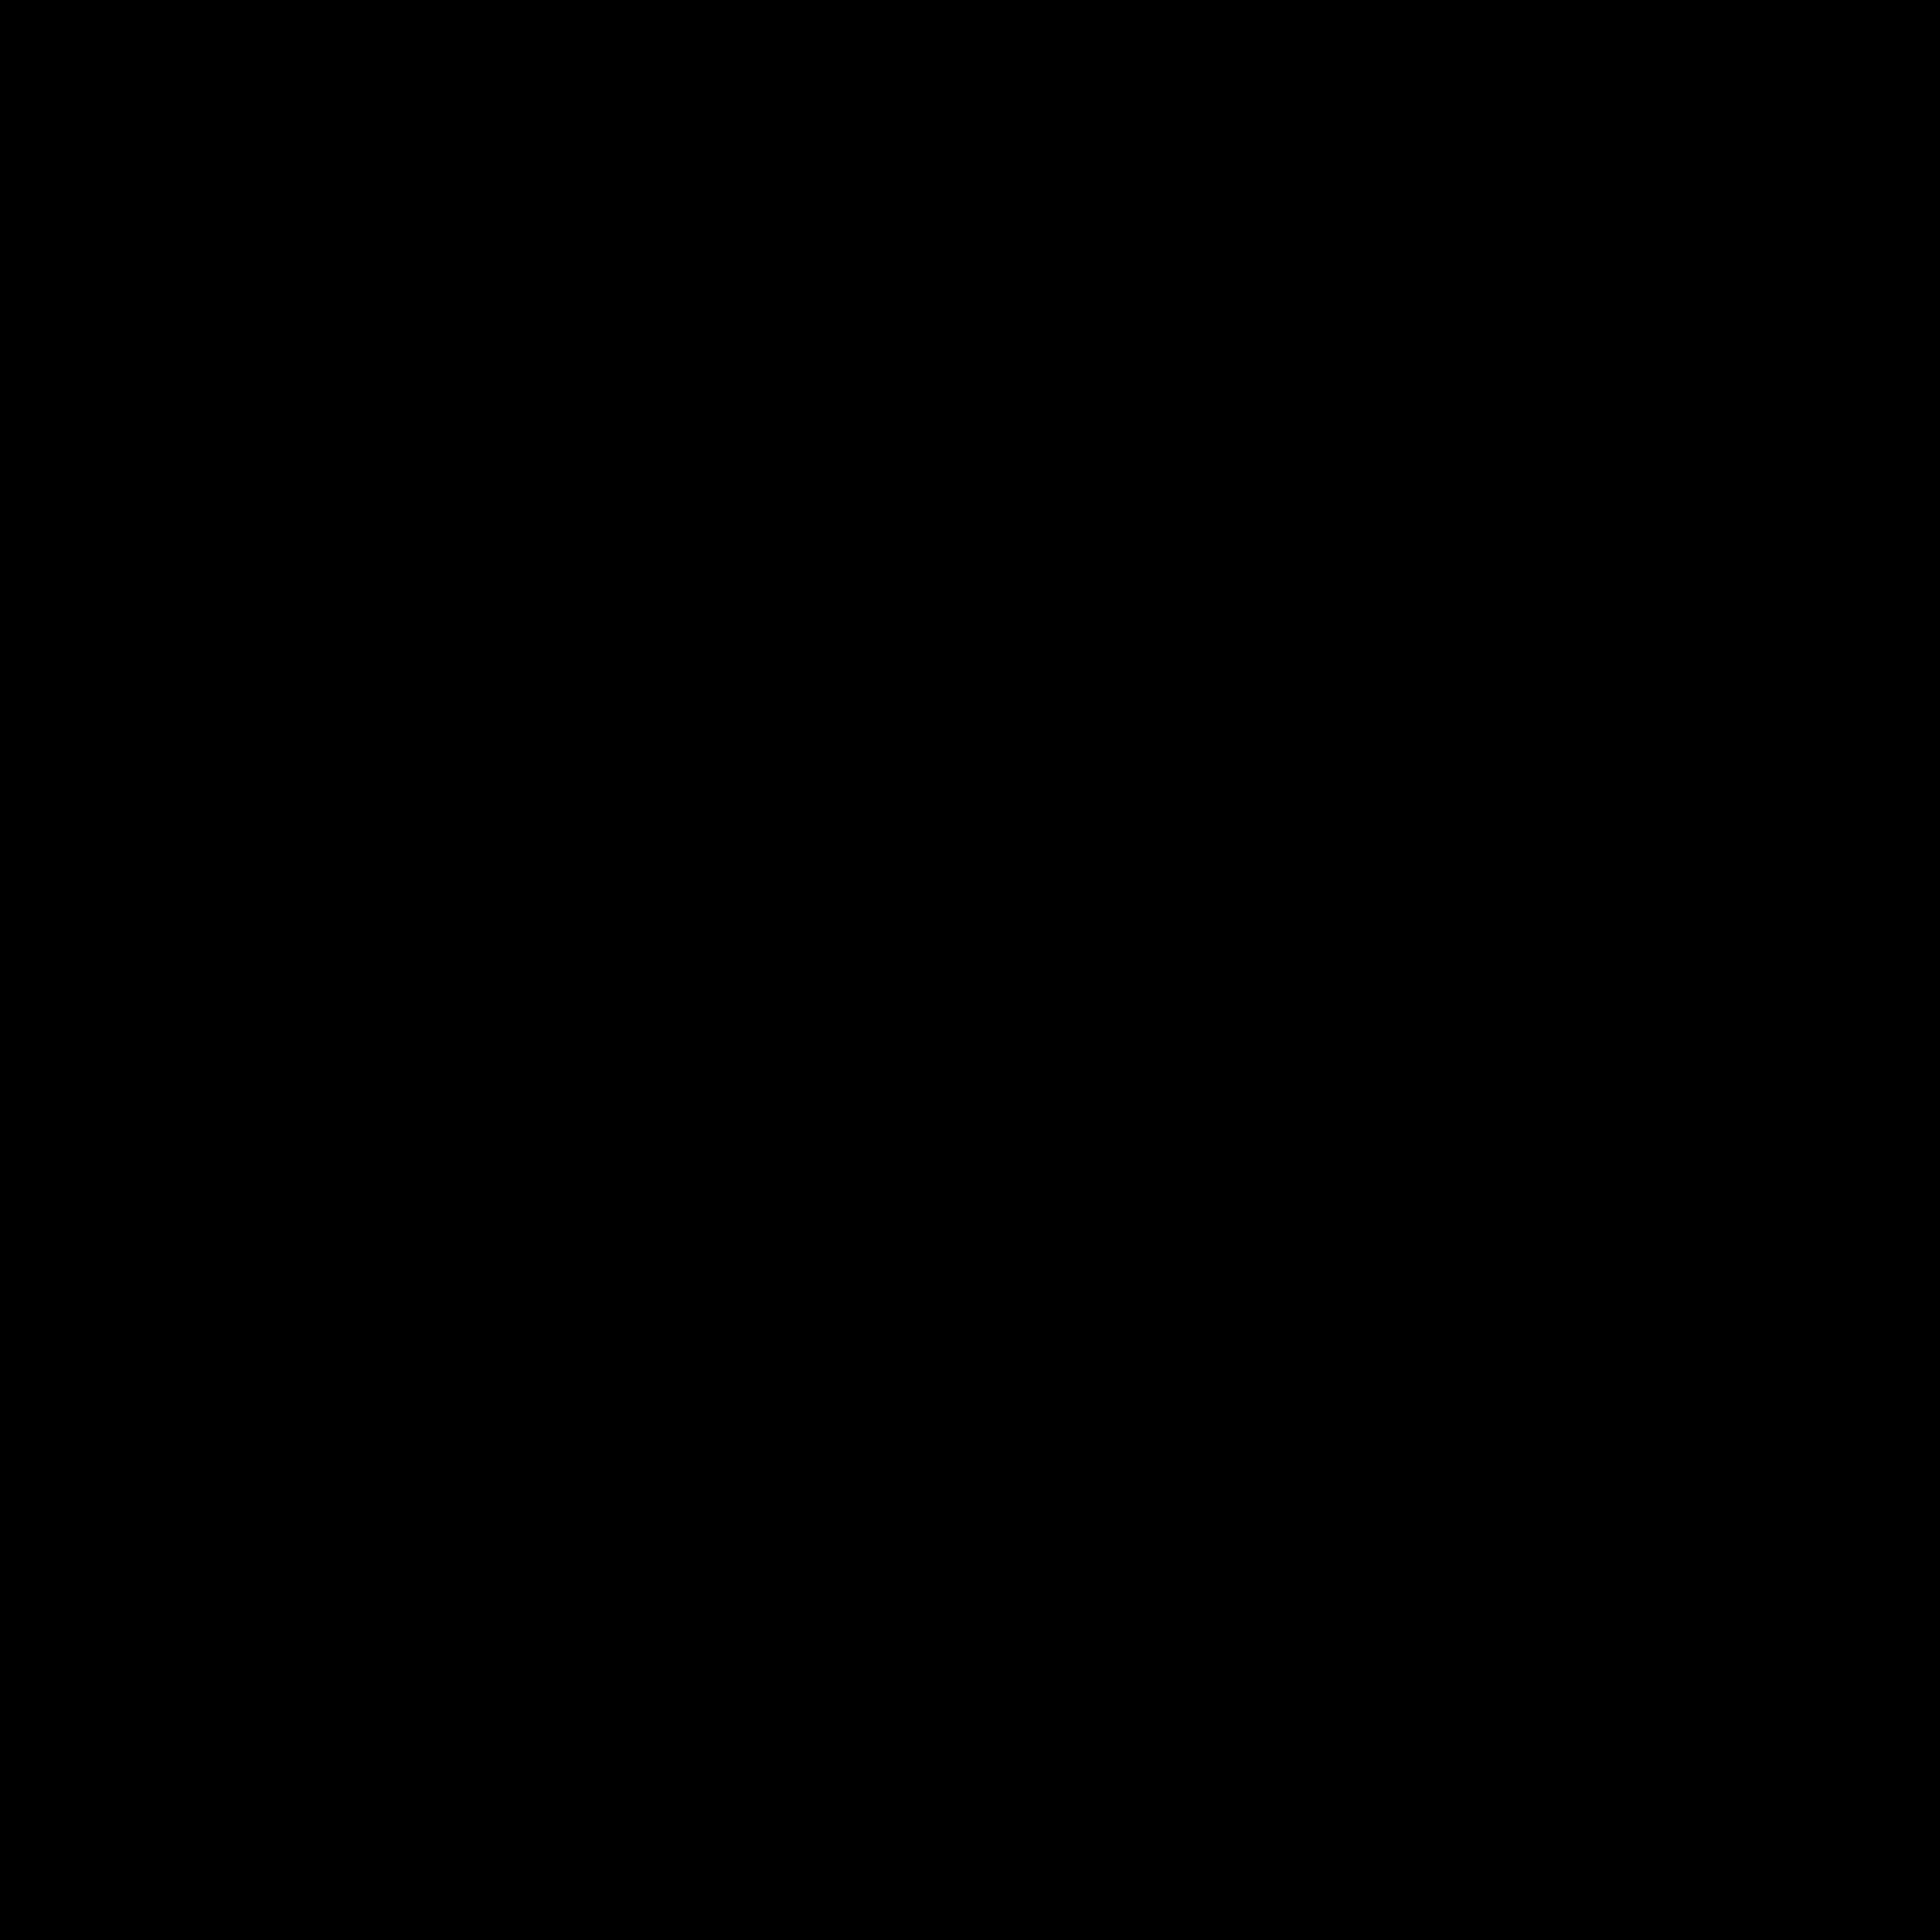 Leadership is having a plan.